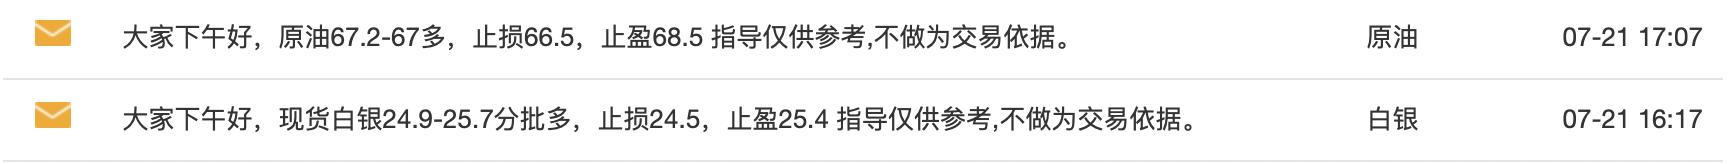 7.22白银多单止盈.png